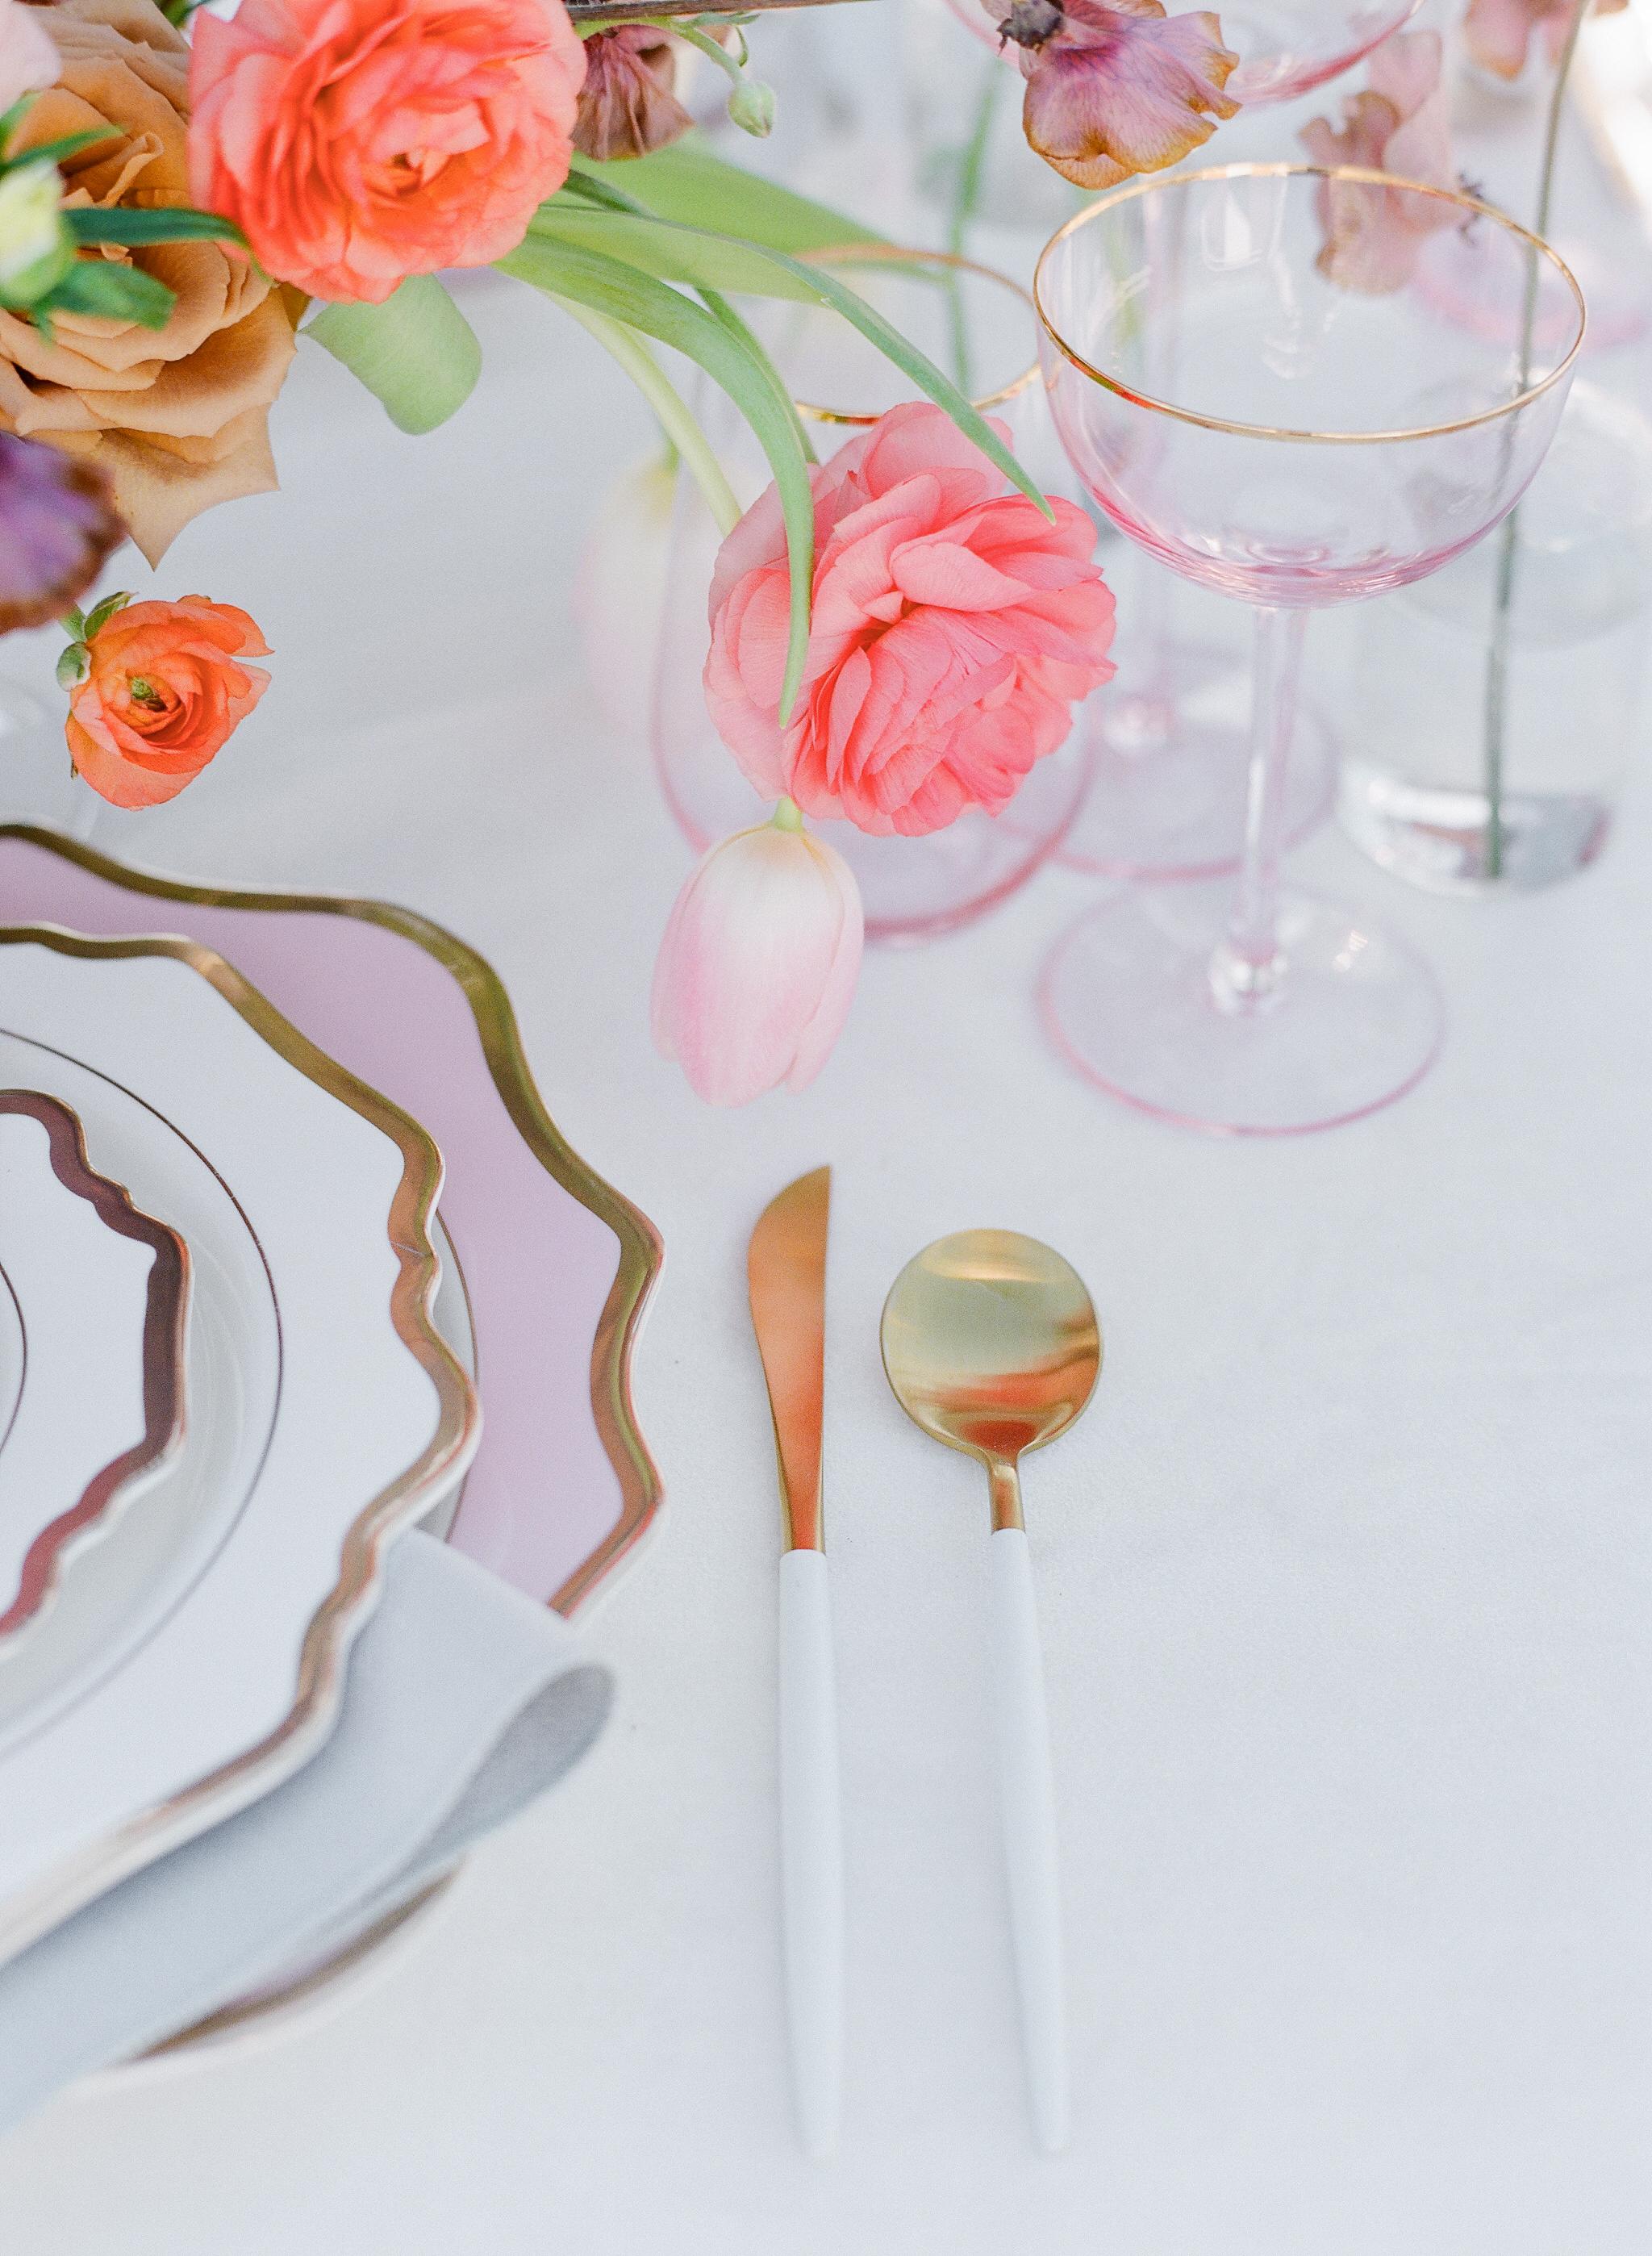 Savan Photography I Oak + Amble flowers I Signature Party Rentals table top goods I Party Crush Studio linens